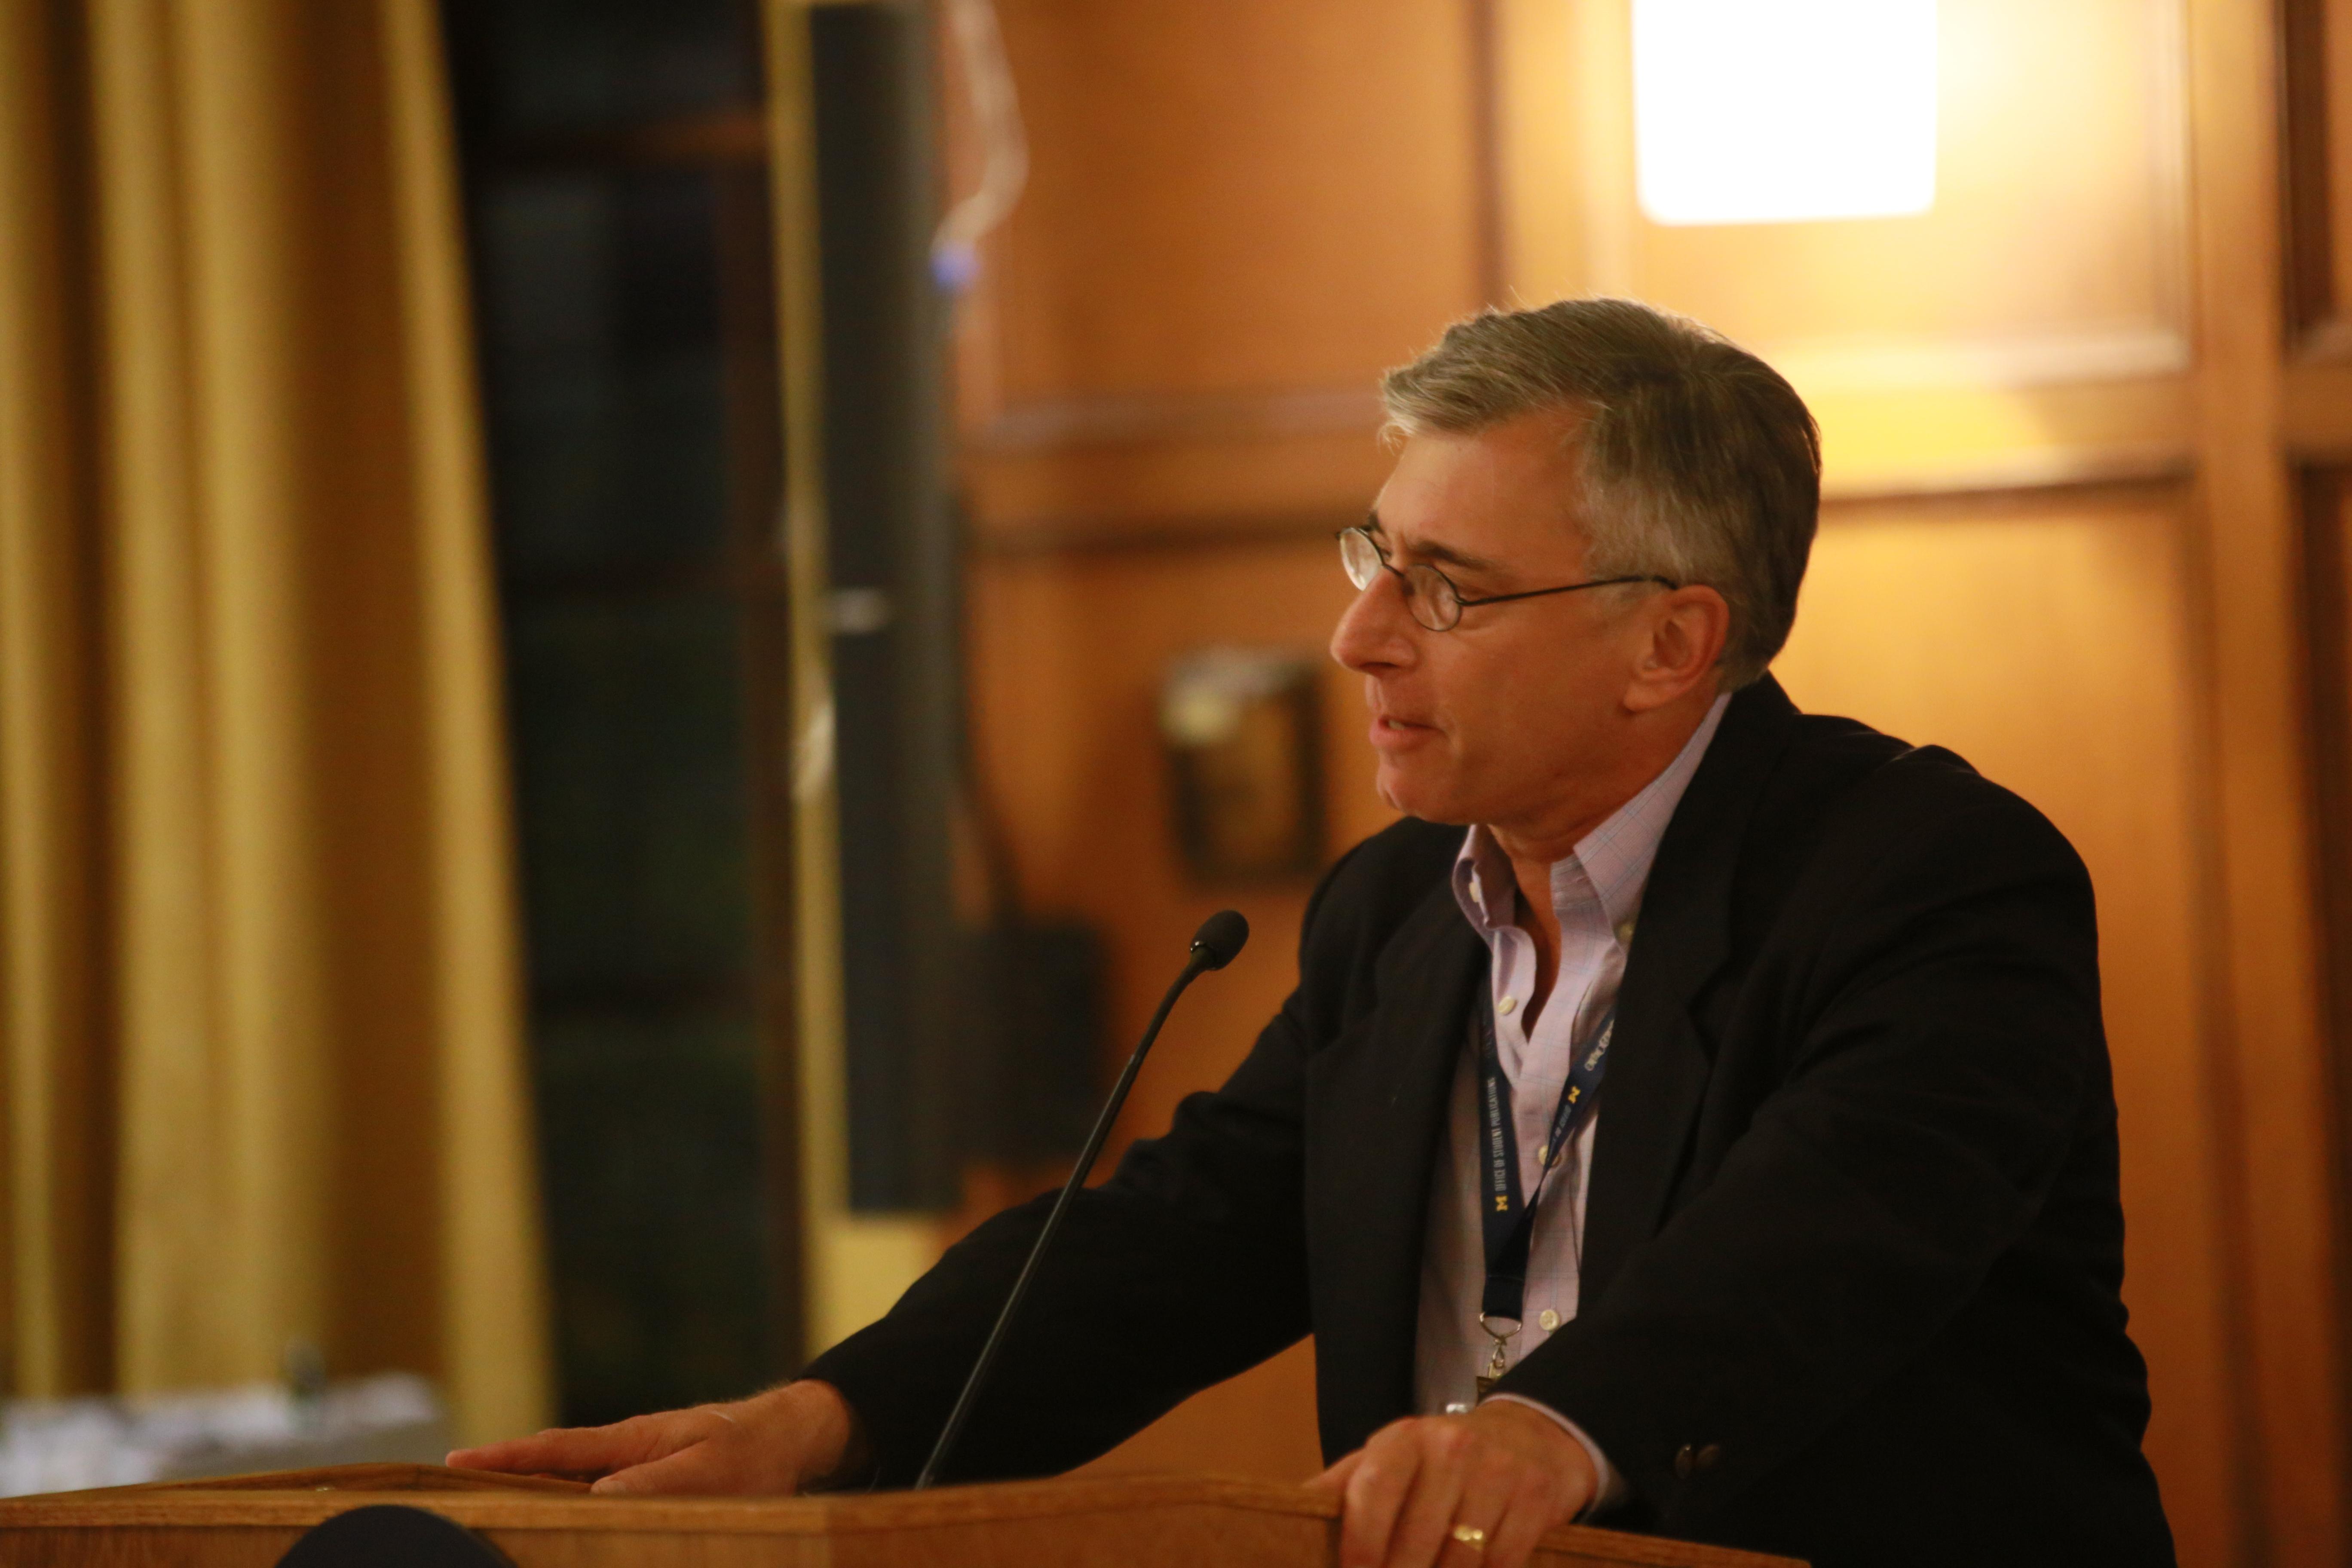 Alan Fanger, Alumni Committee